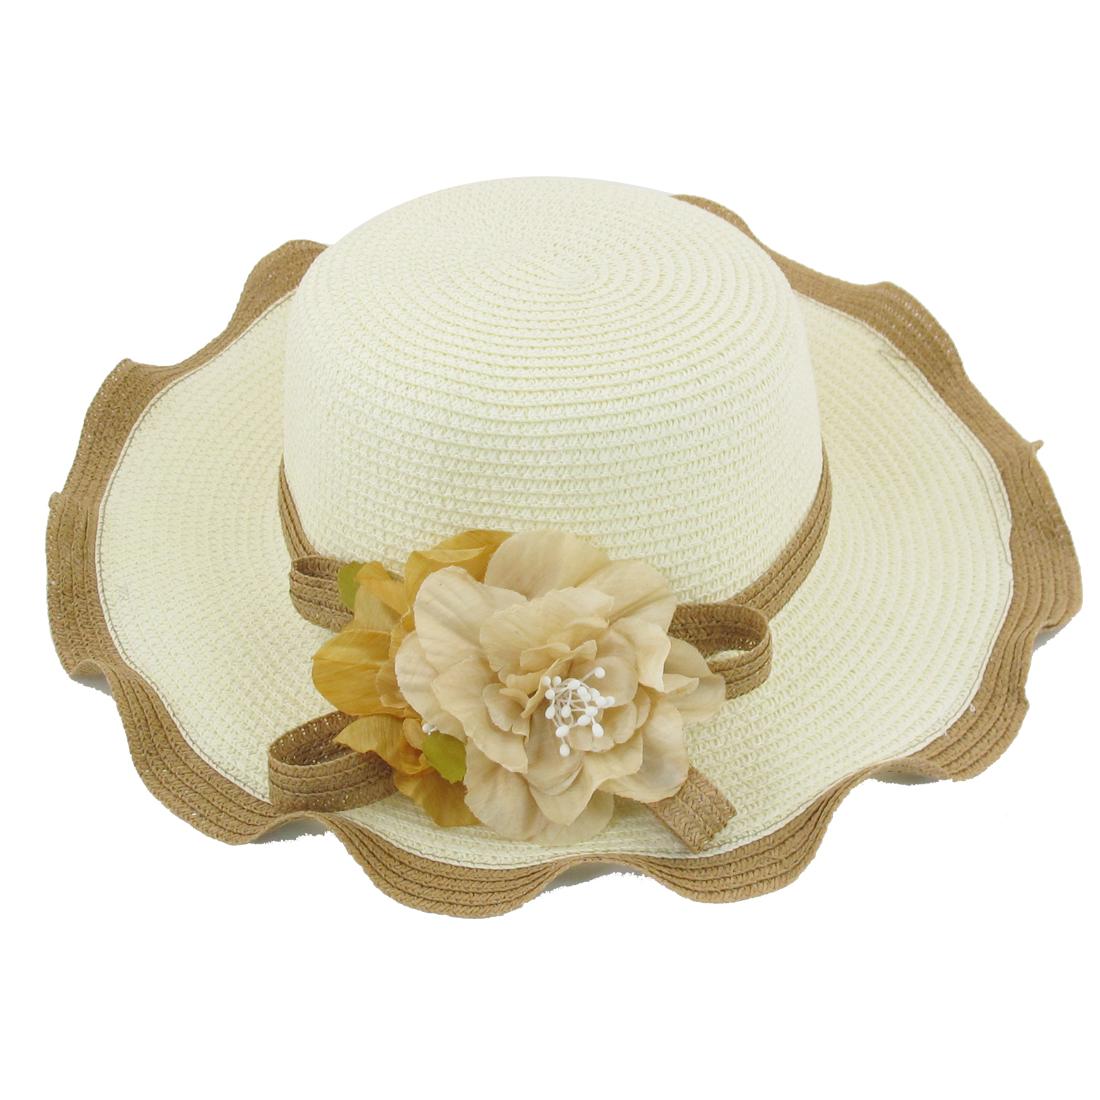 Ladies Braided Strap Accent Beige Fold Straw Beach Sun Cap Hat White